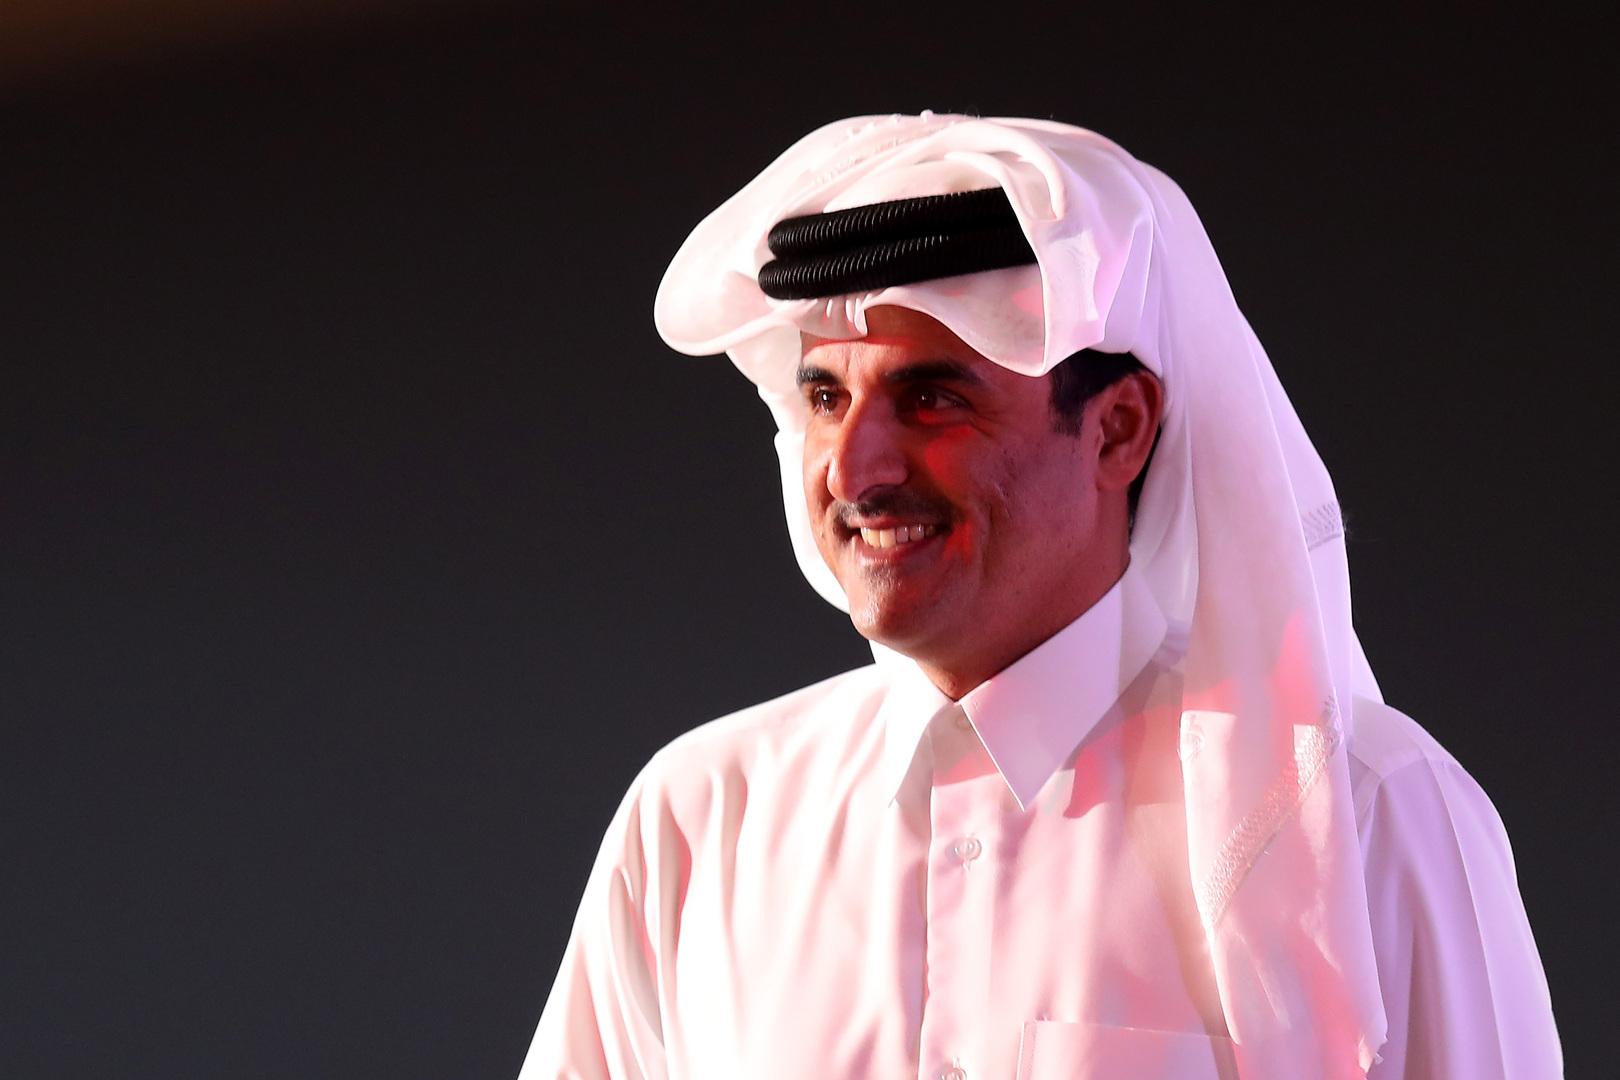 تميم بن حمد آل ثاني أمير قطر